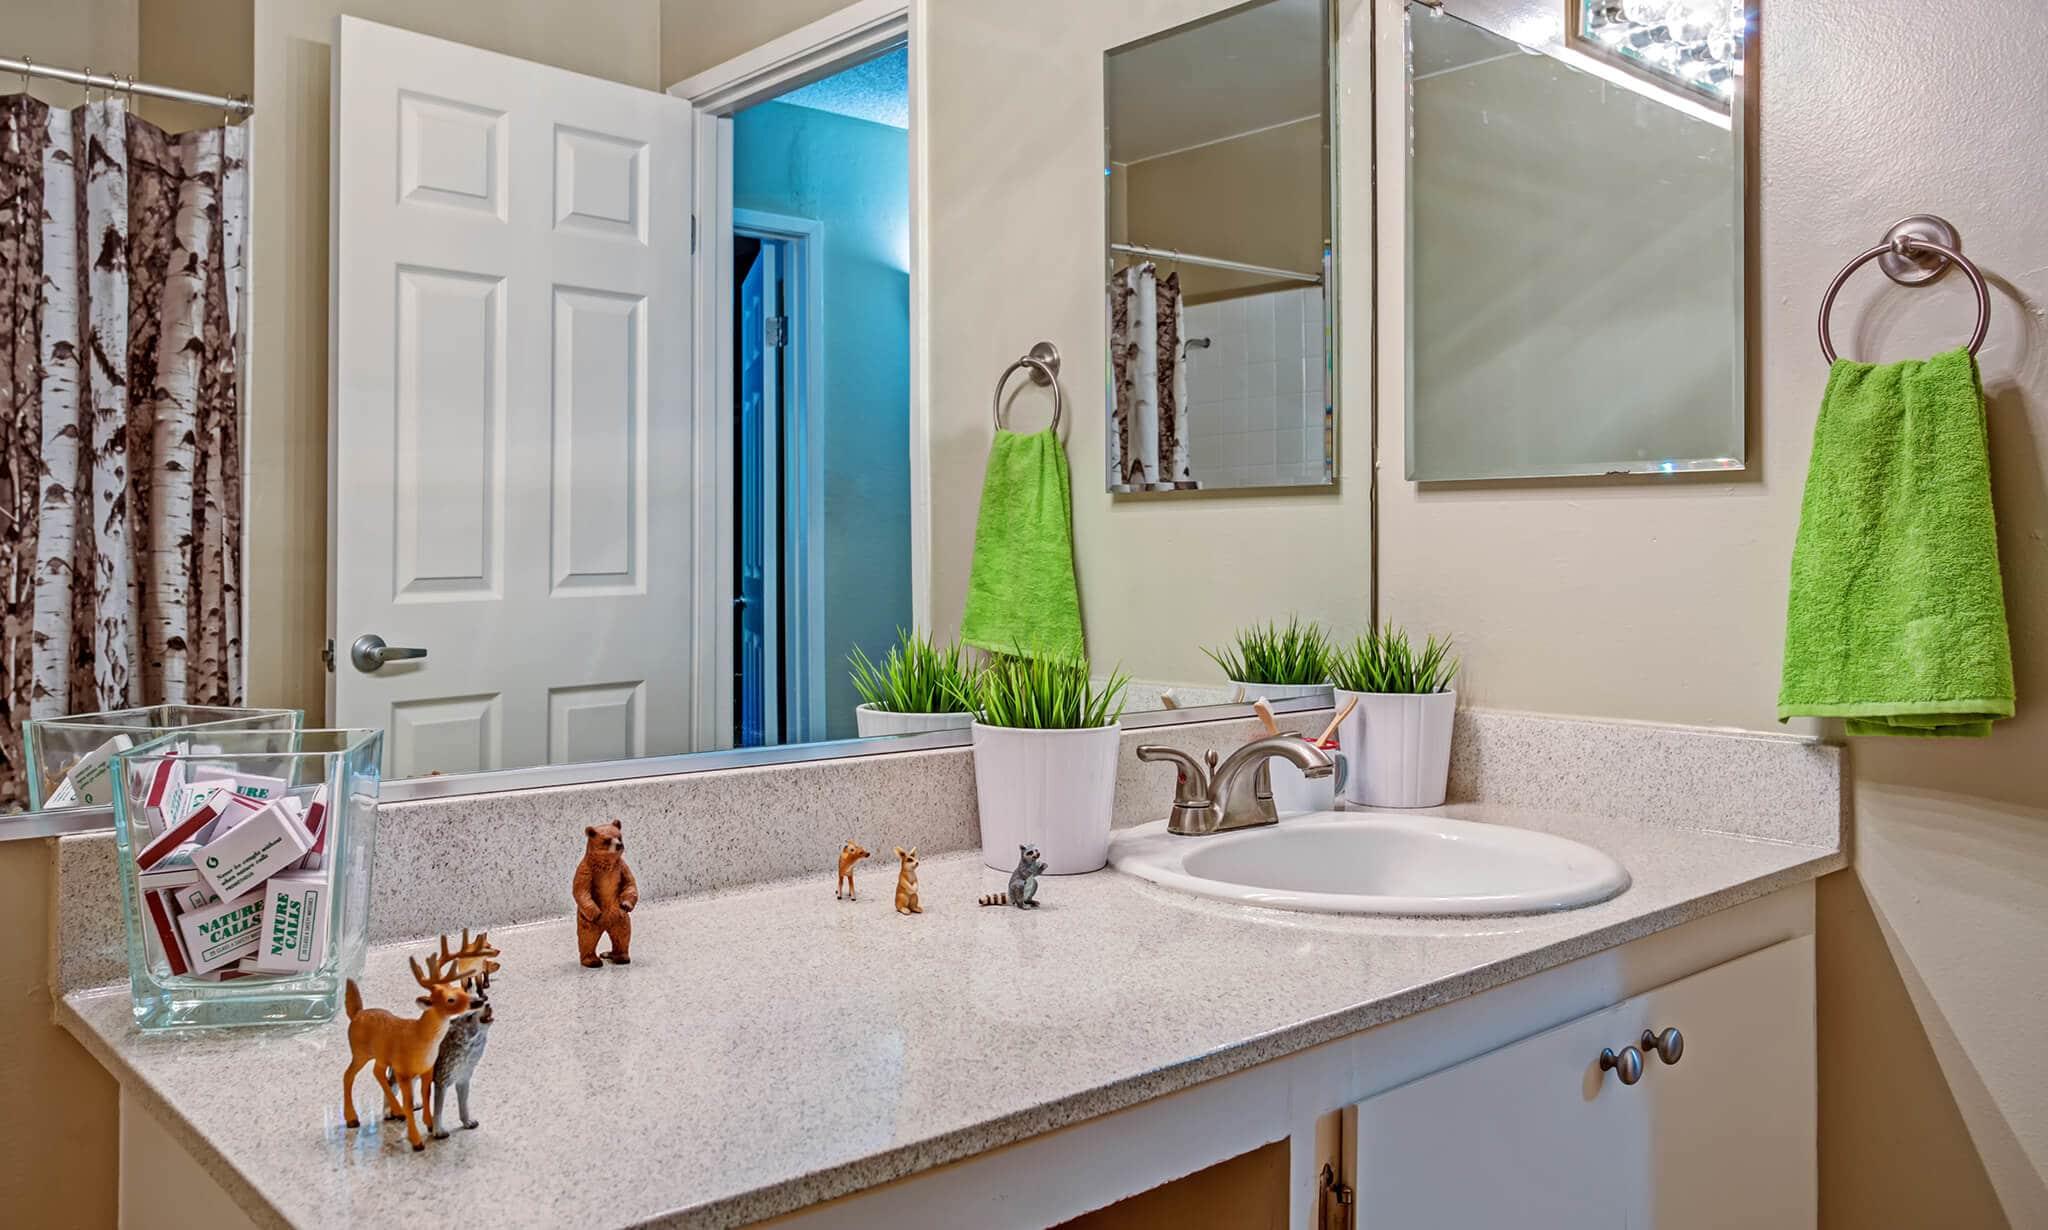 Montecito Apartments apartments in Santa Clara CA to rent photo 10